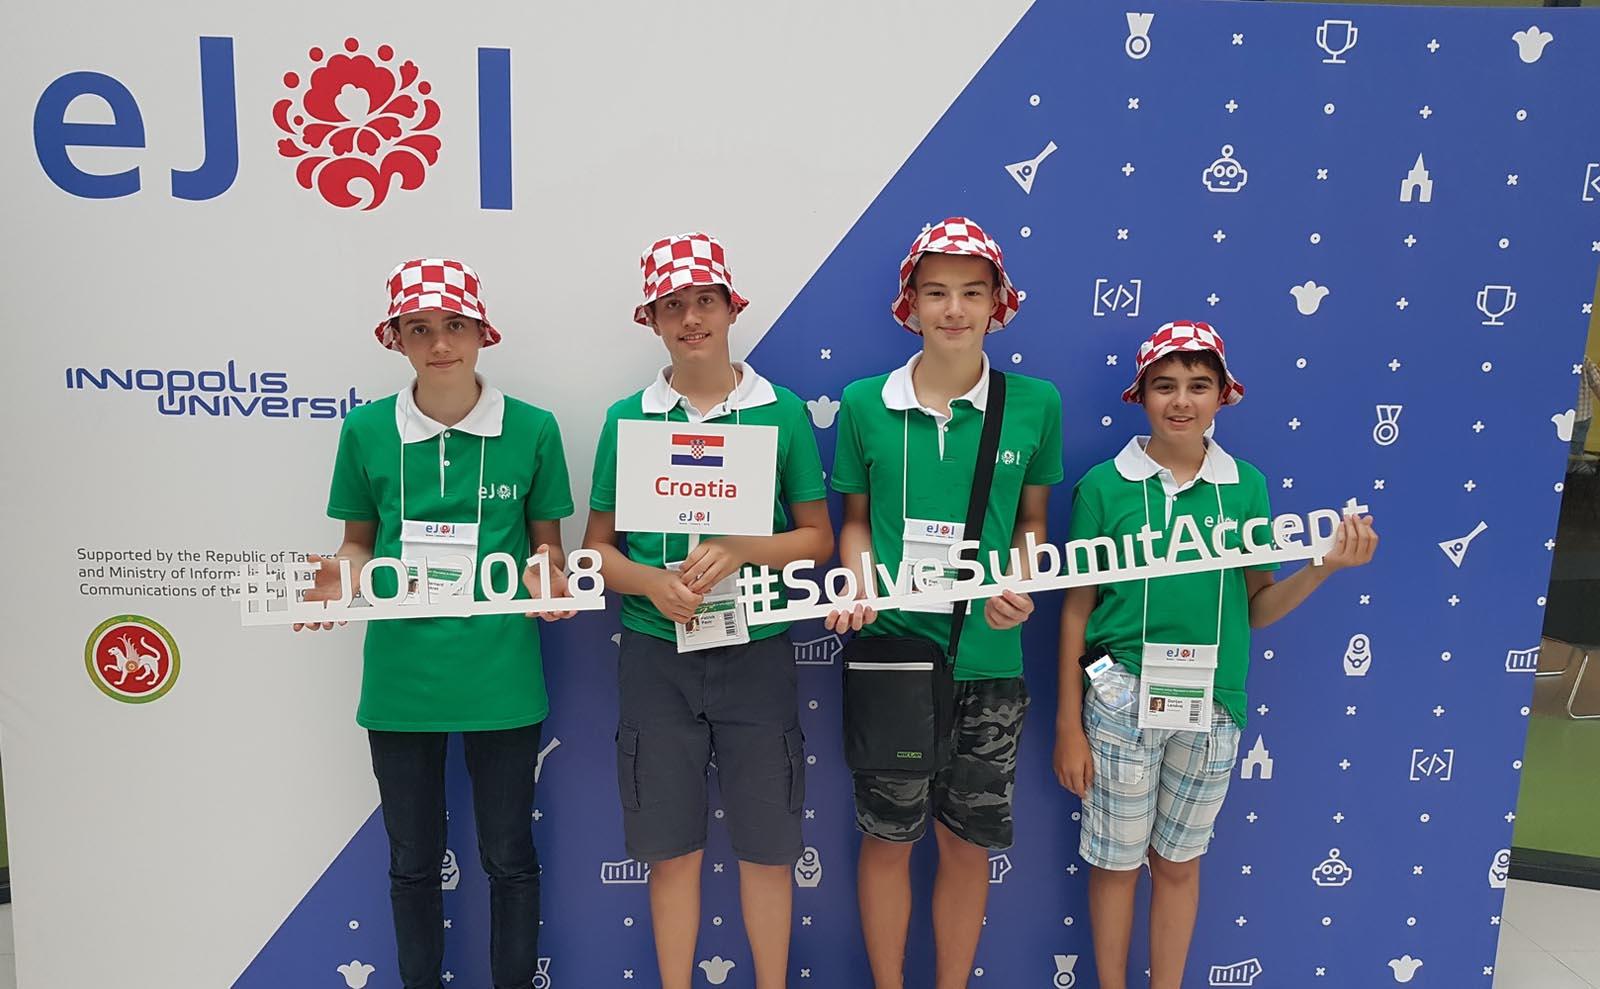 FOTO: Dva srebra i bronca za mlade hrvatske informatičare na europskoj juniorskoj olimpijadi